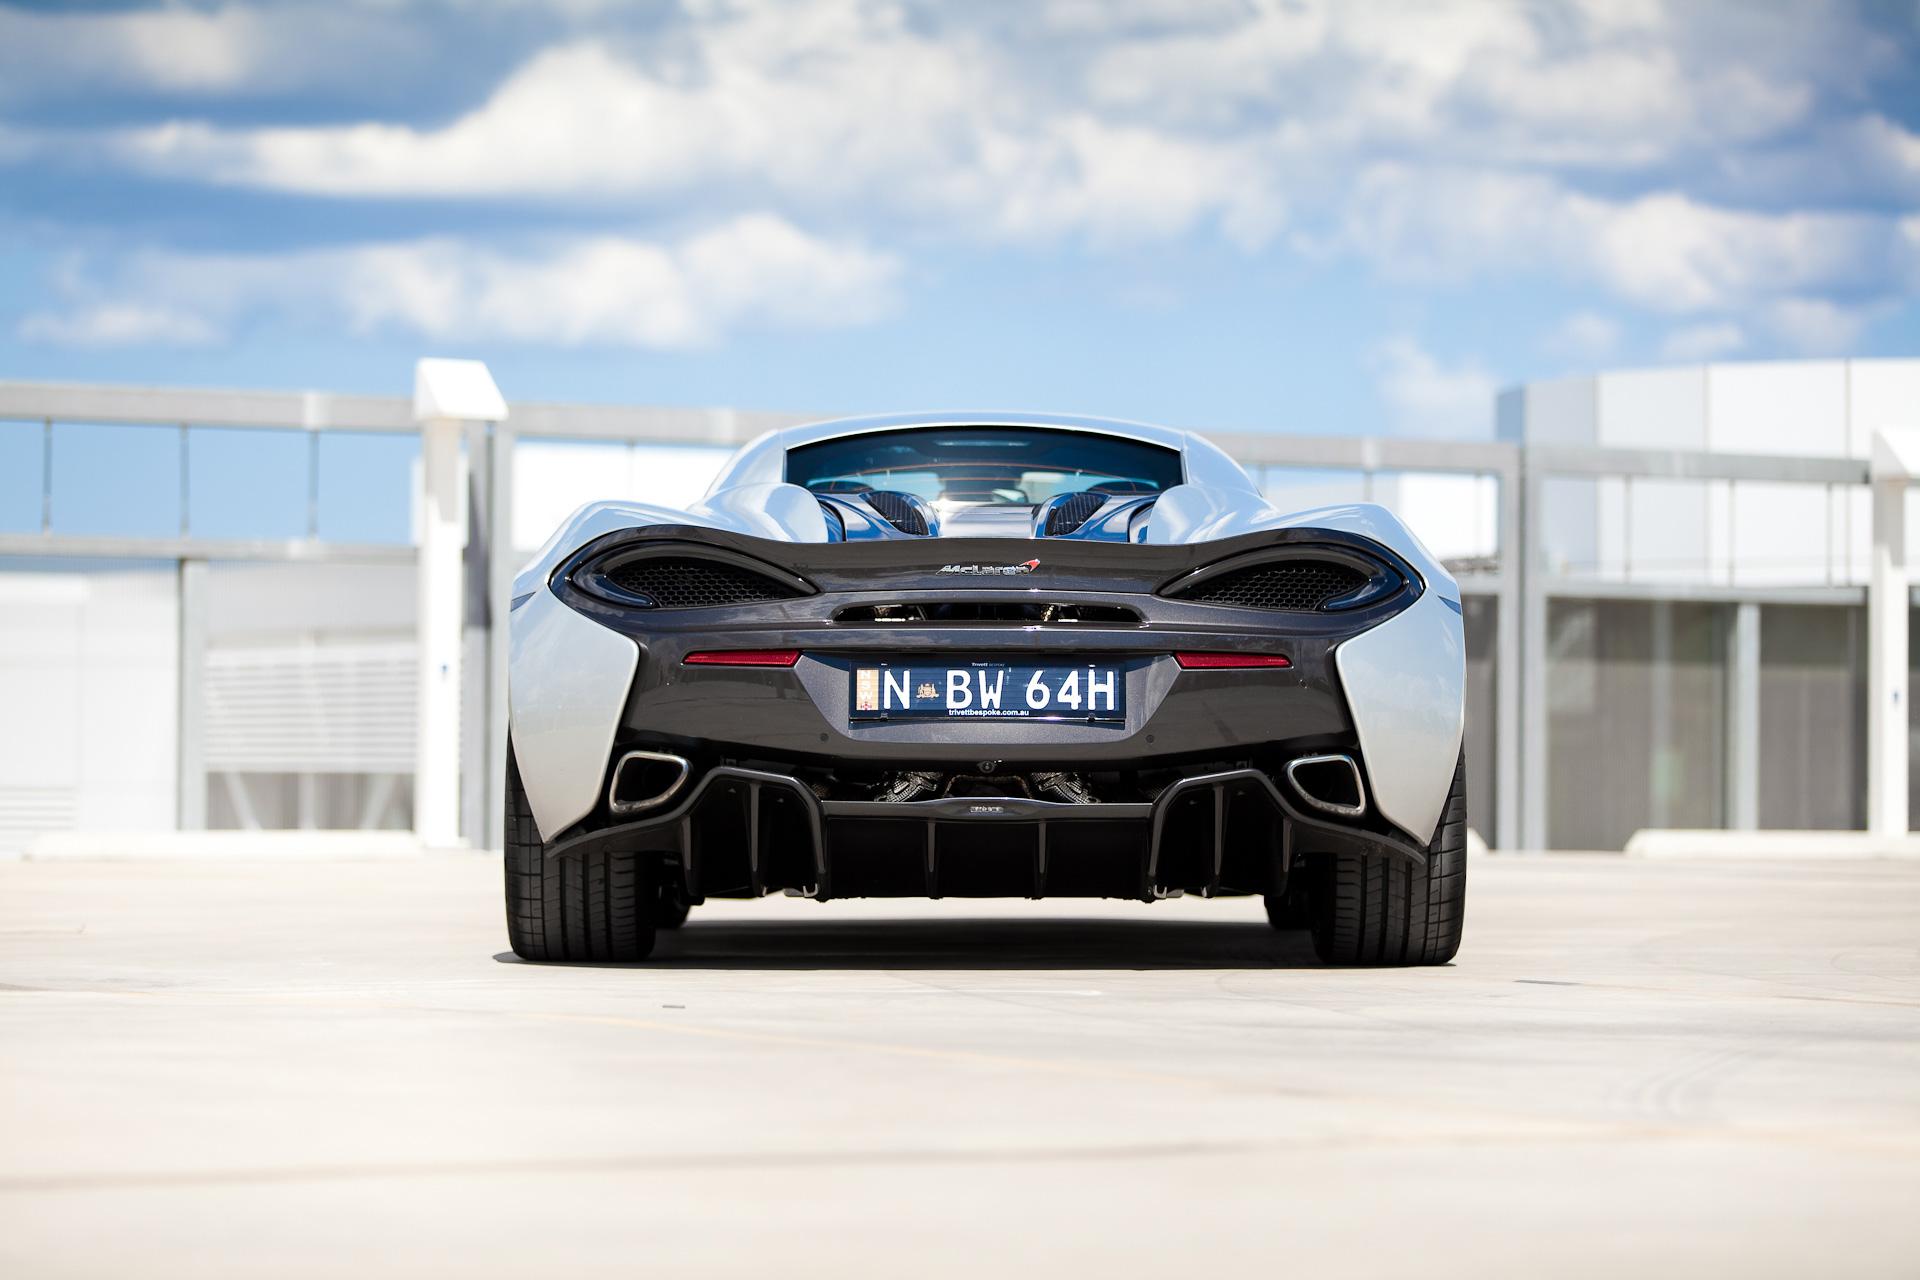 mclaren-570s-rear